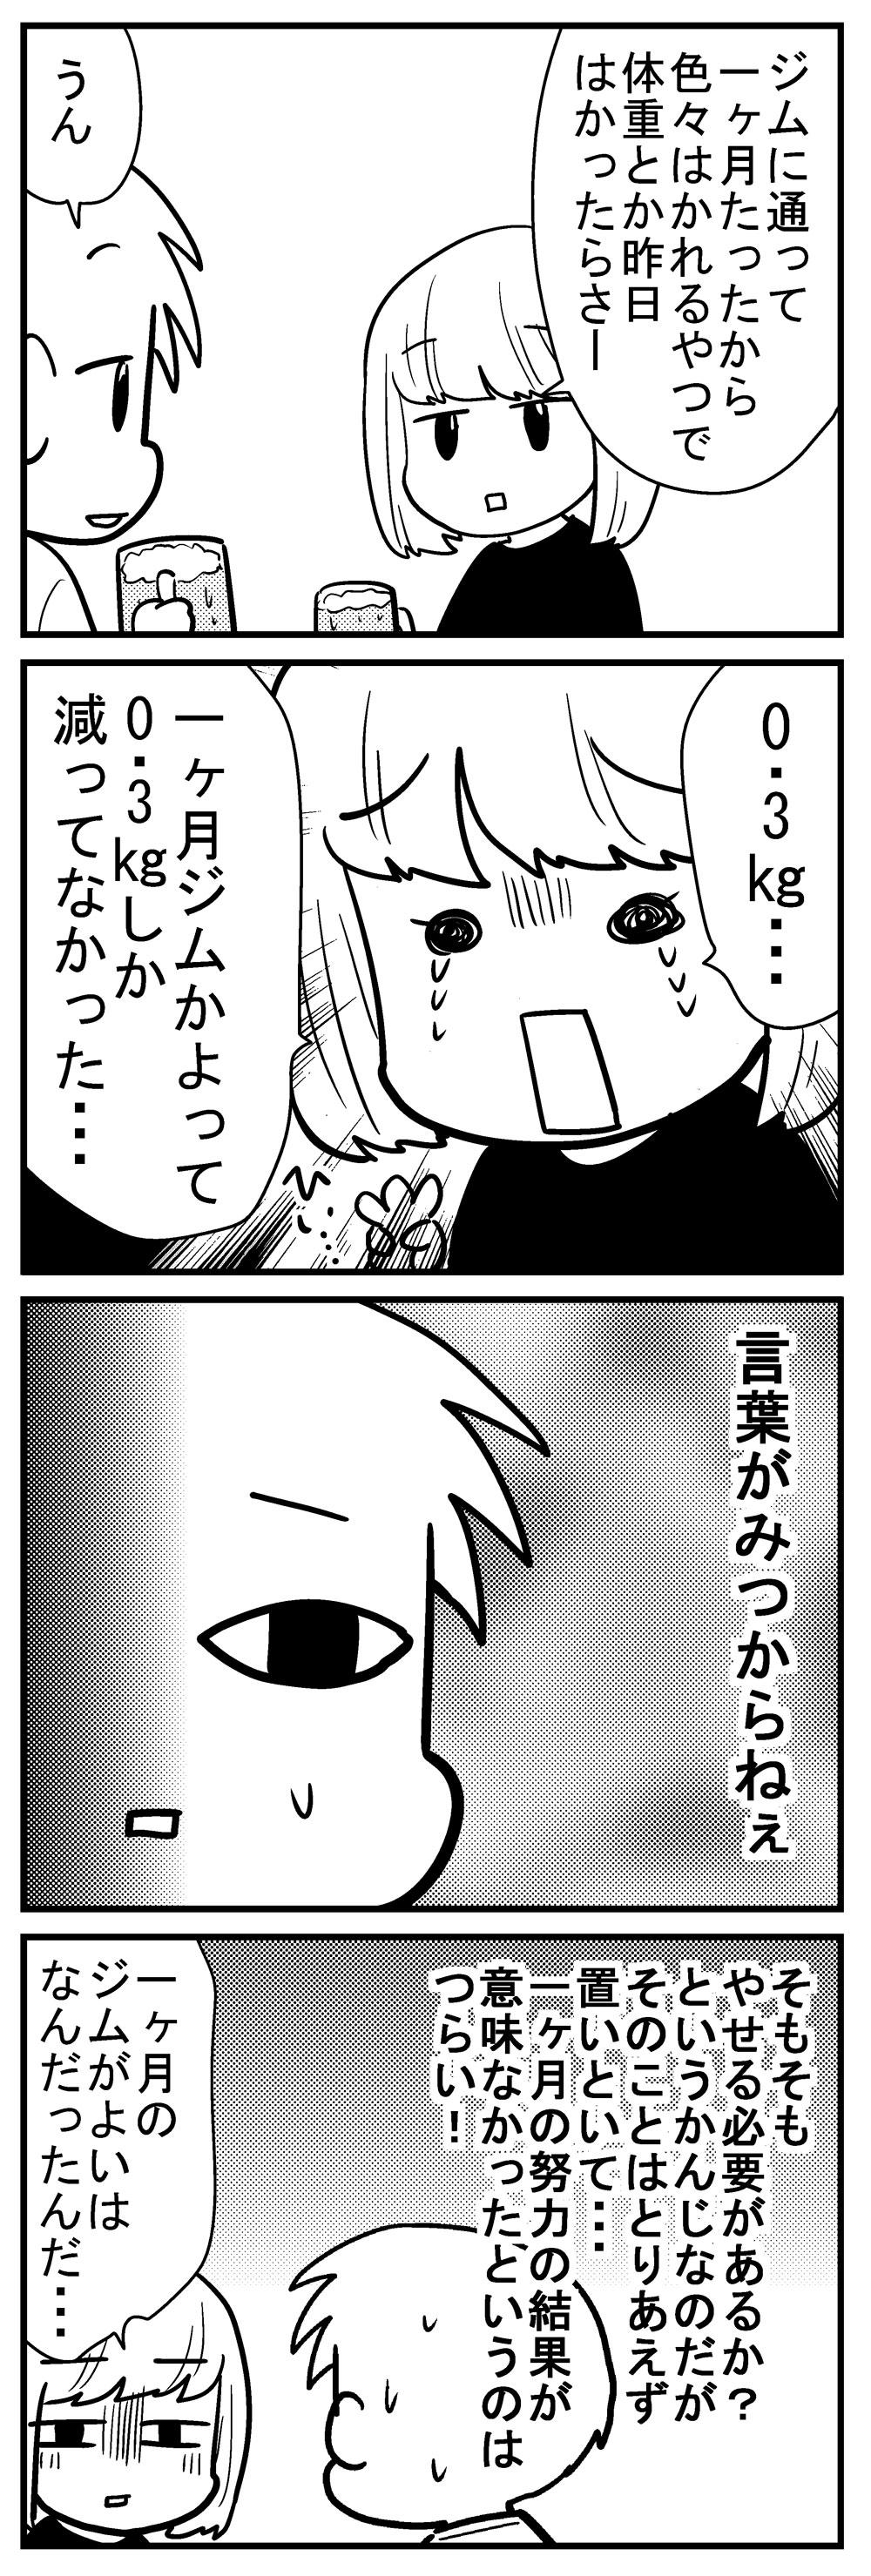 深読みくん145-1